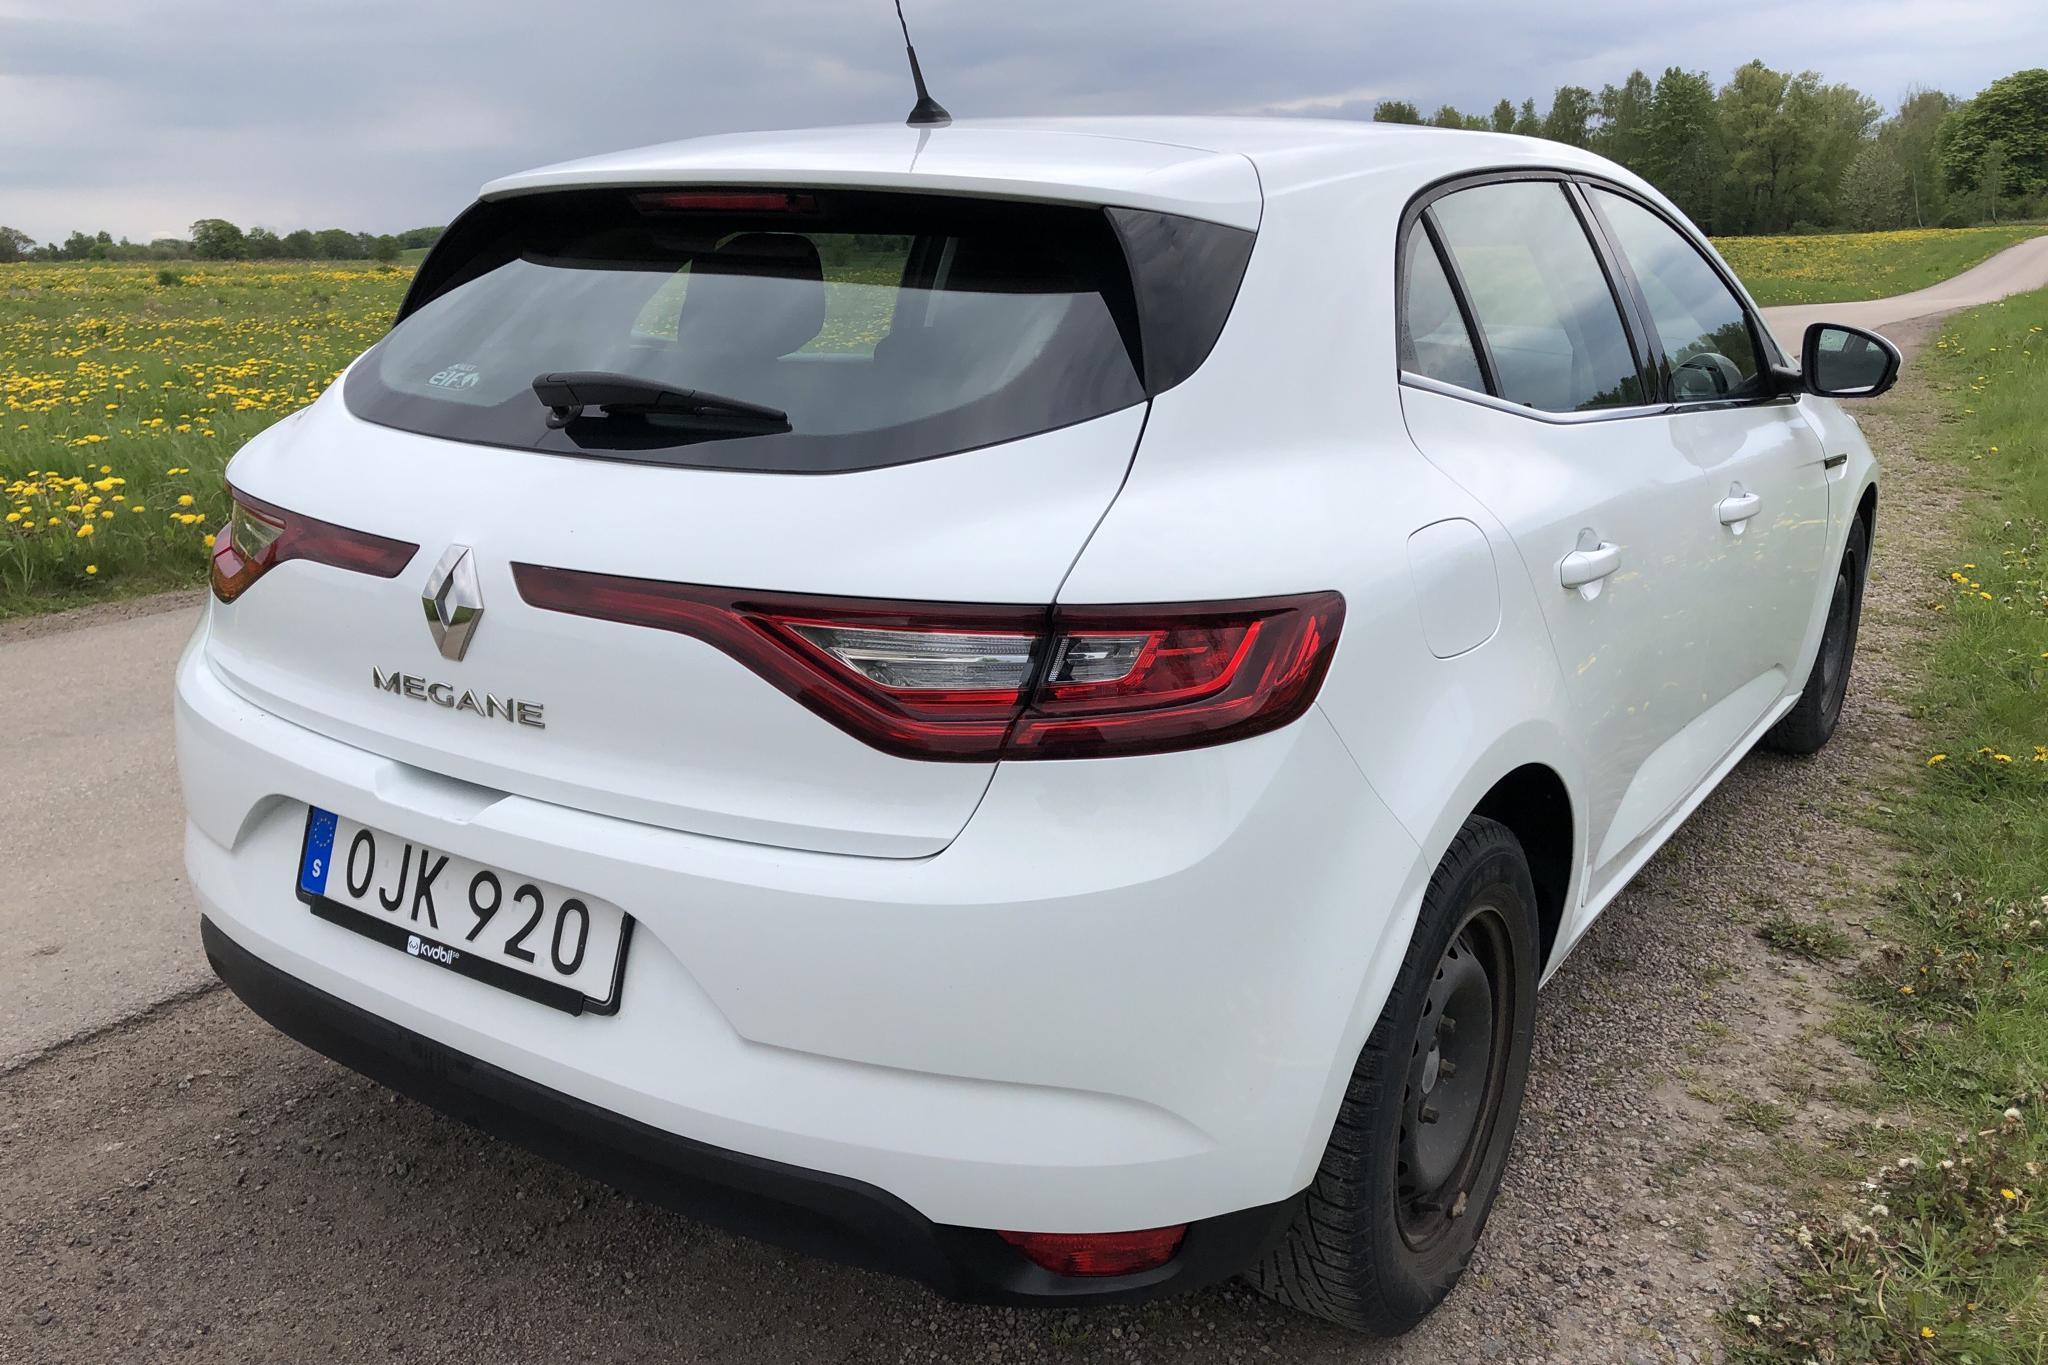 Renault Mégane 1.5 dCi 5dr (110hk) - 8 585 mil - Manuell - vit - 2017